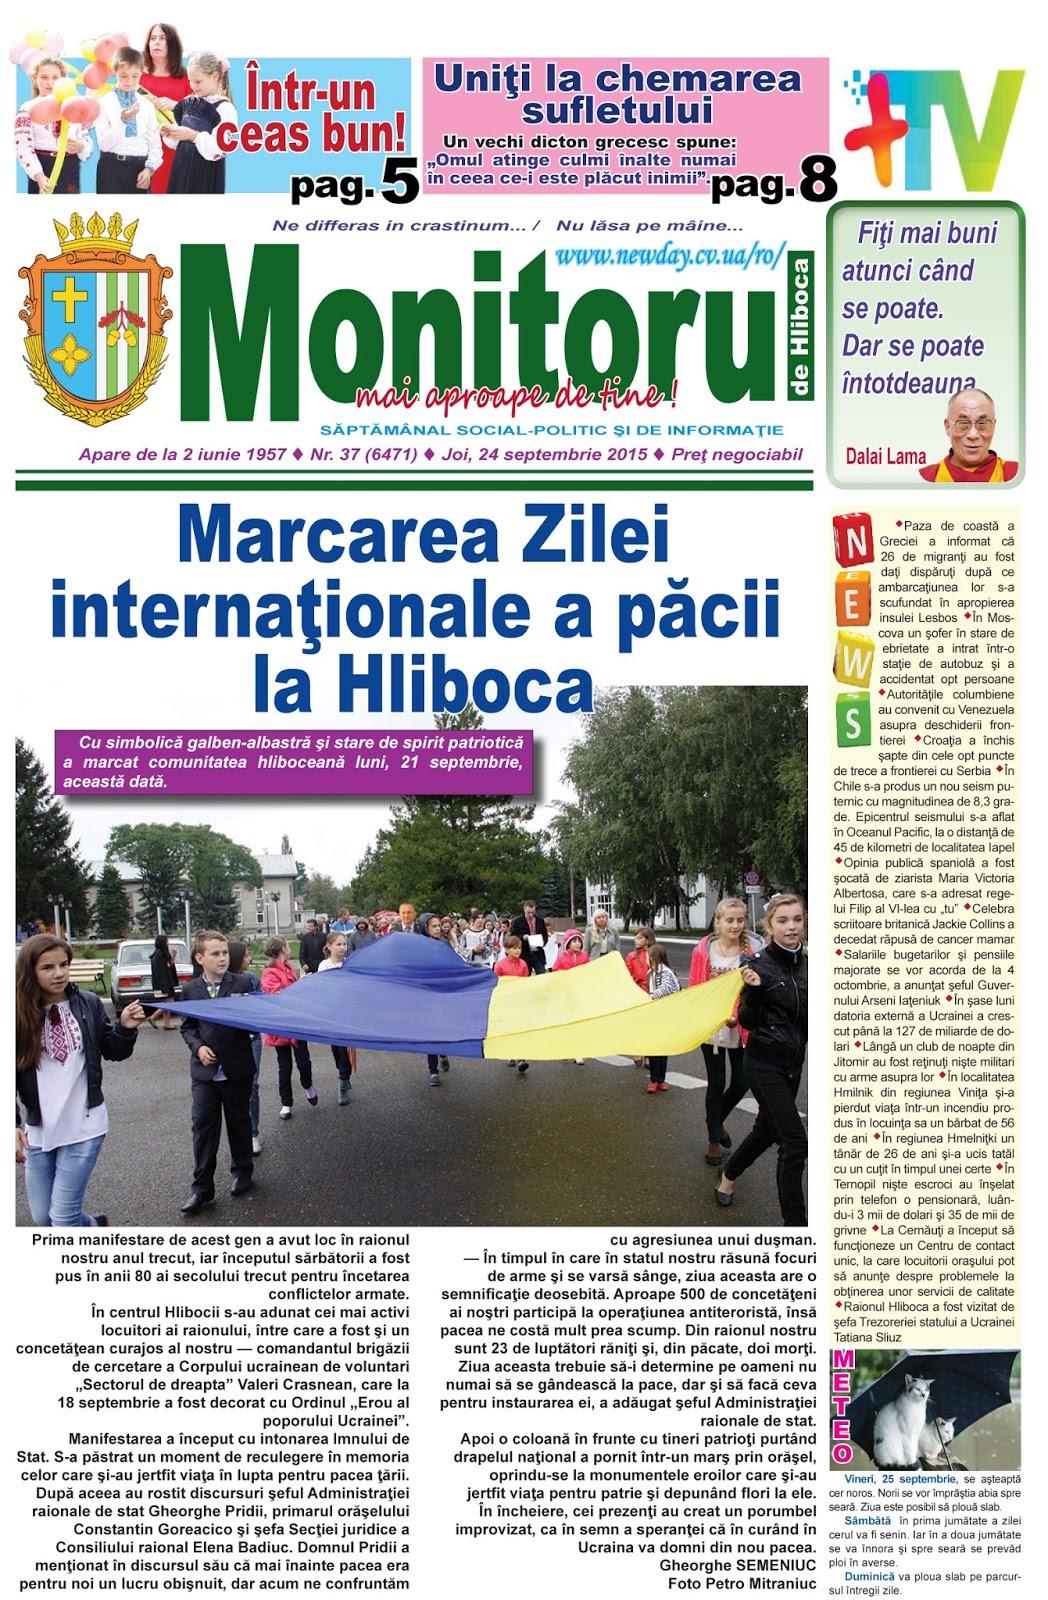 Marcarea Zilei internaţionale a păcii la Hliboca, Ucraina.